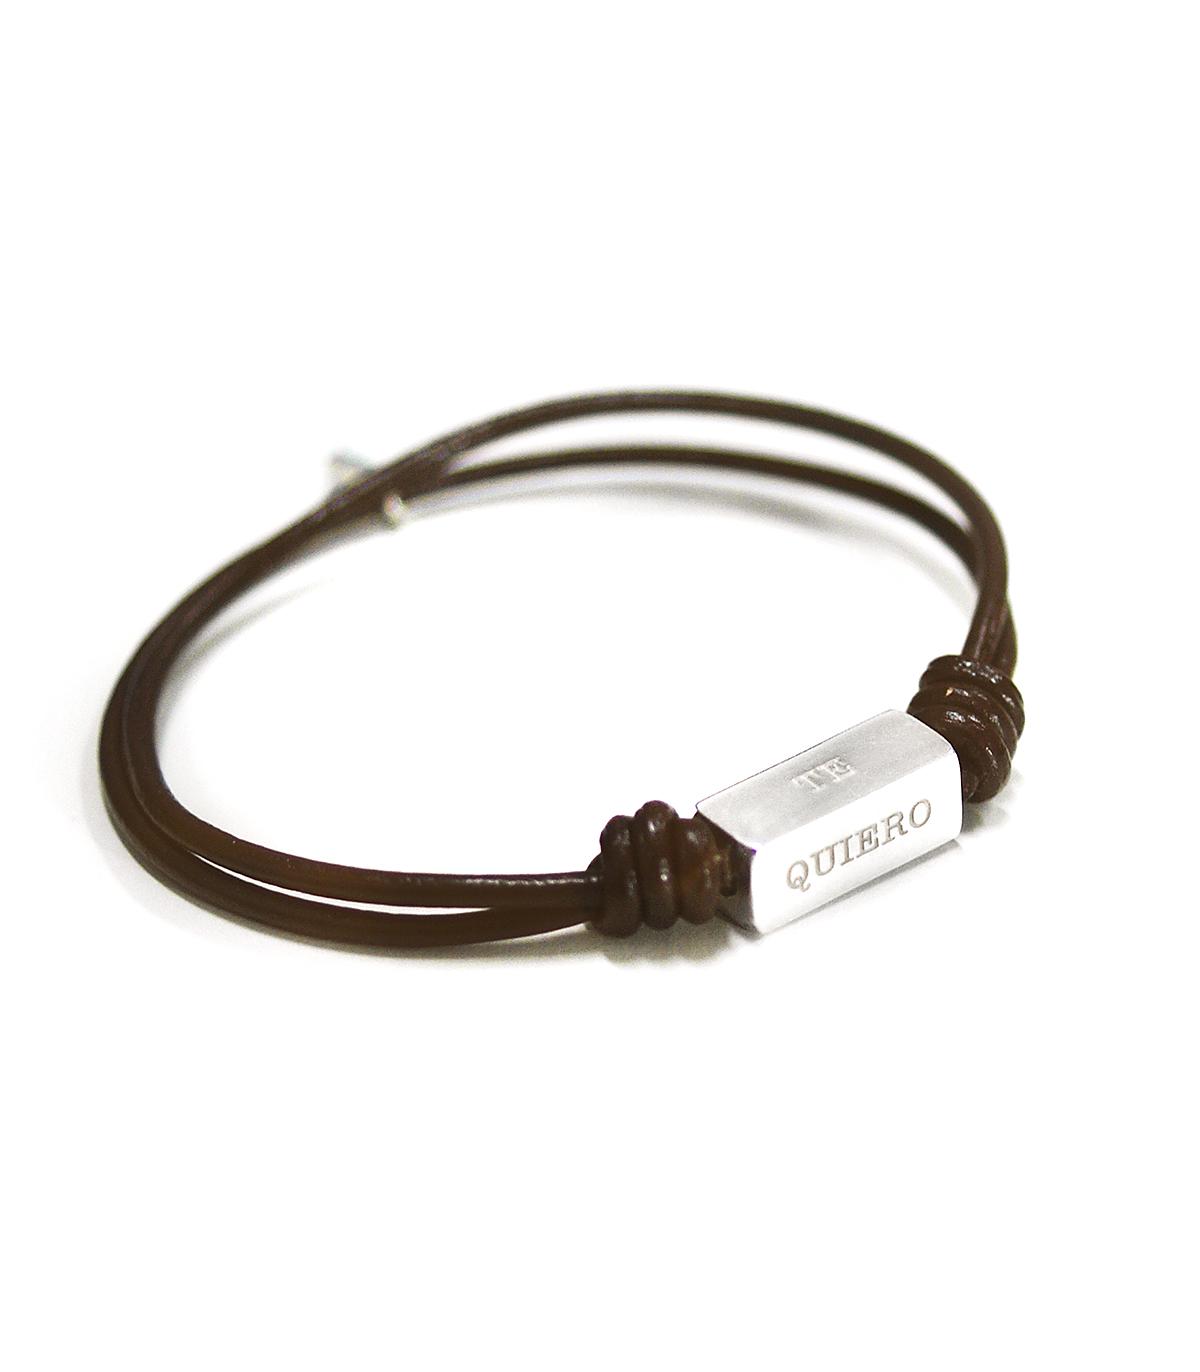 a9f7d1c18cdf Pulseras de cuero y plata personalizadas – Tube - Joyas de moda para ...